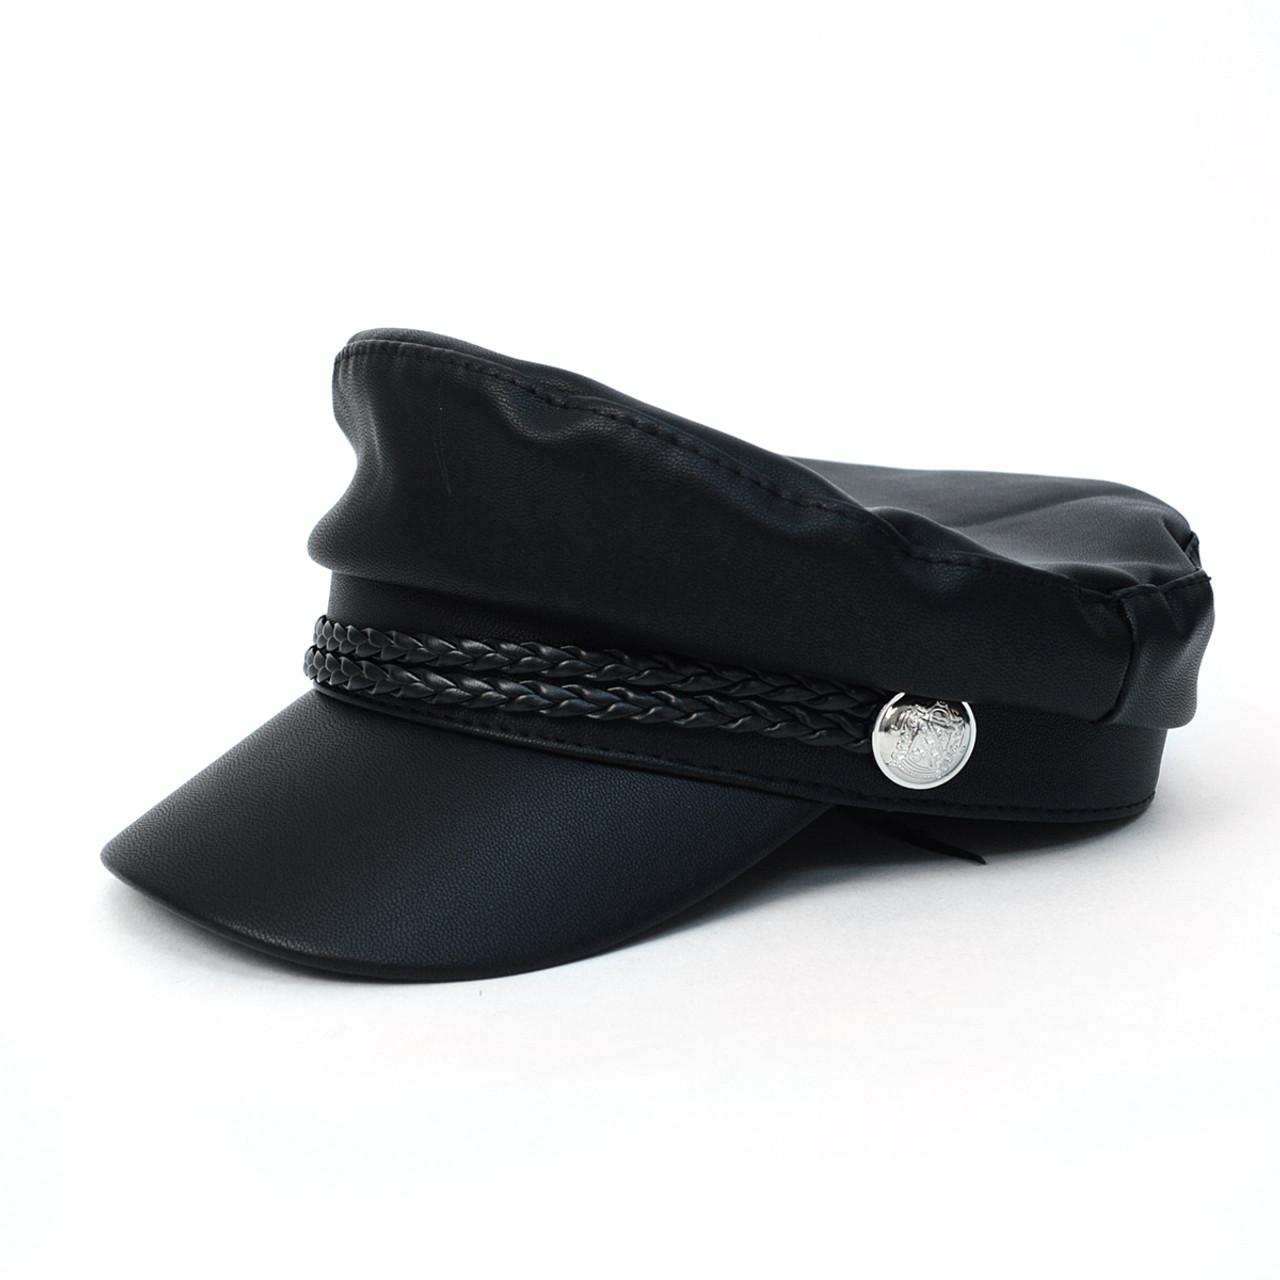 775d8744 Women's Spring/Summer Black Leather Baker Cap - LSBC1200